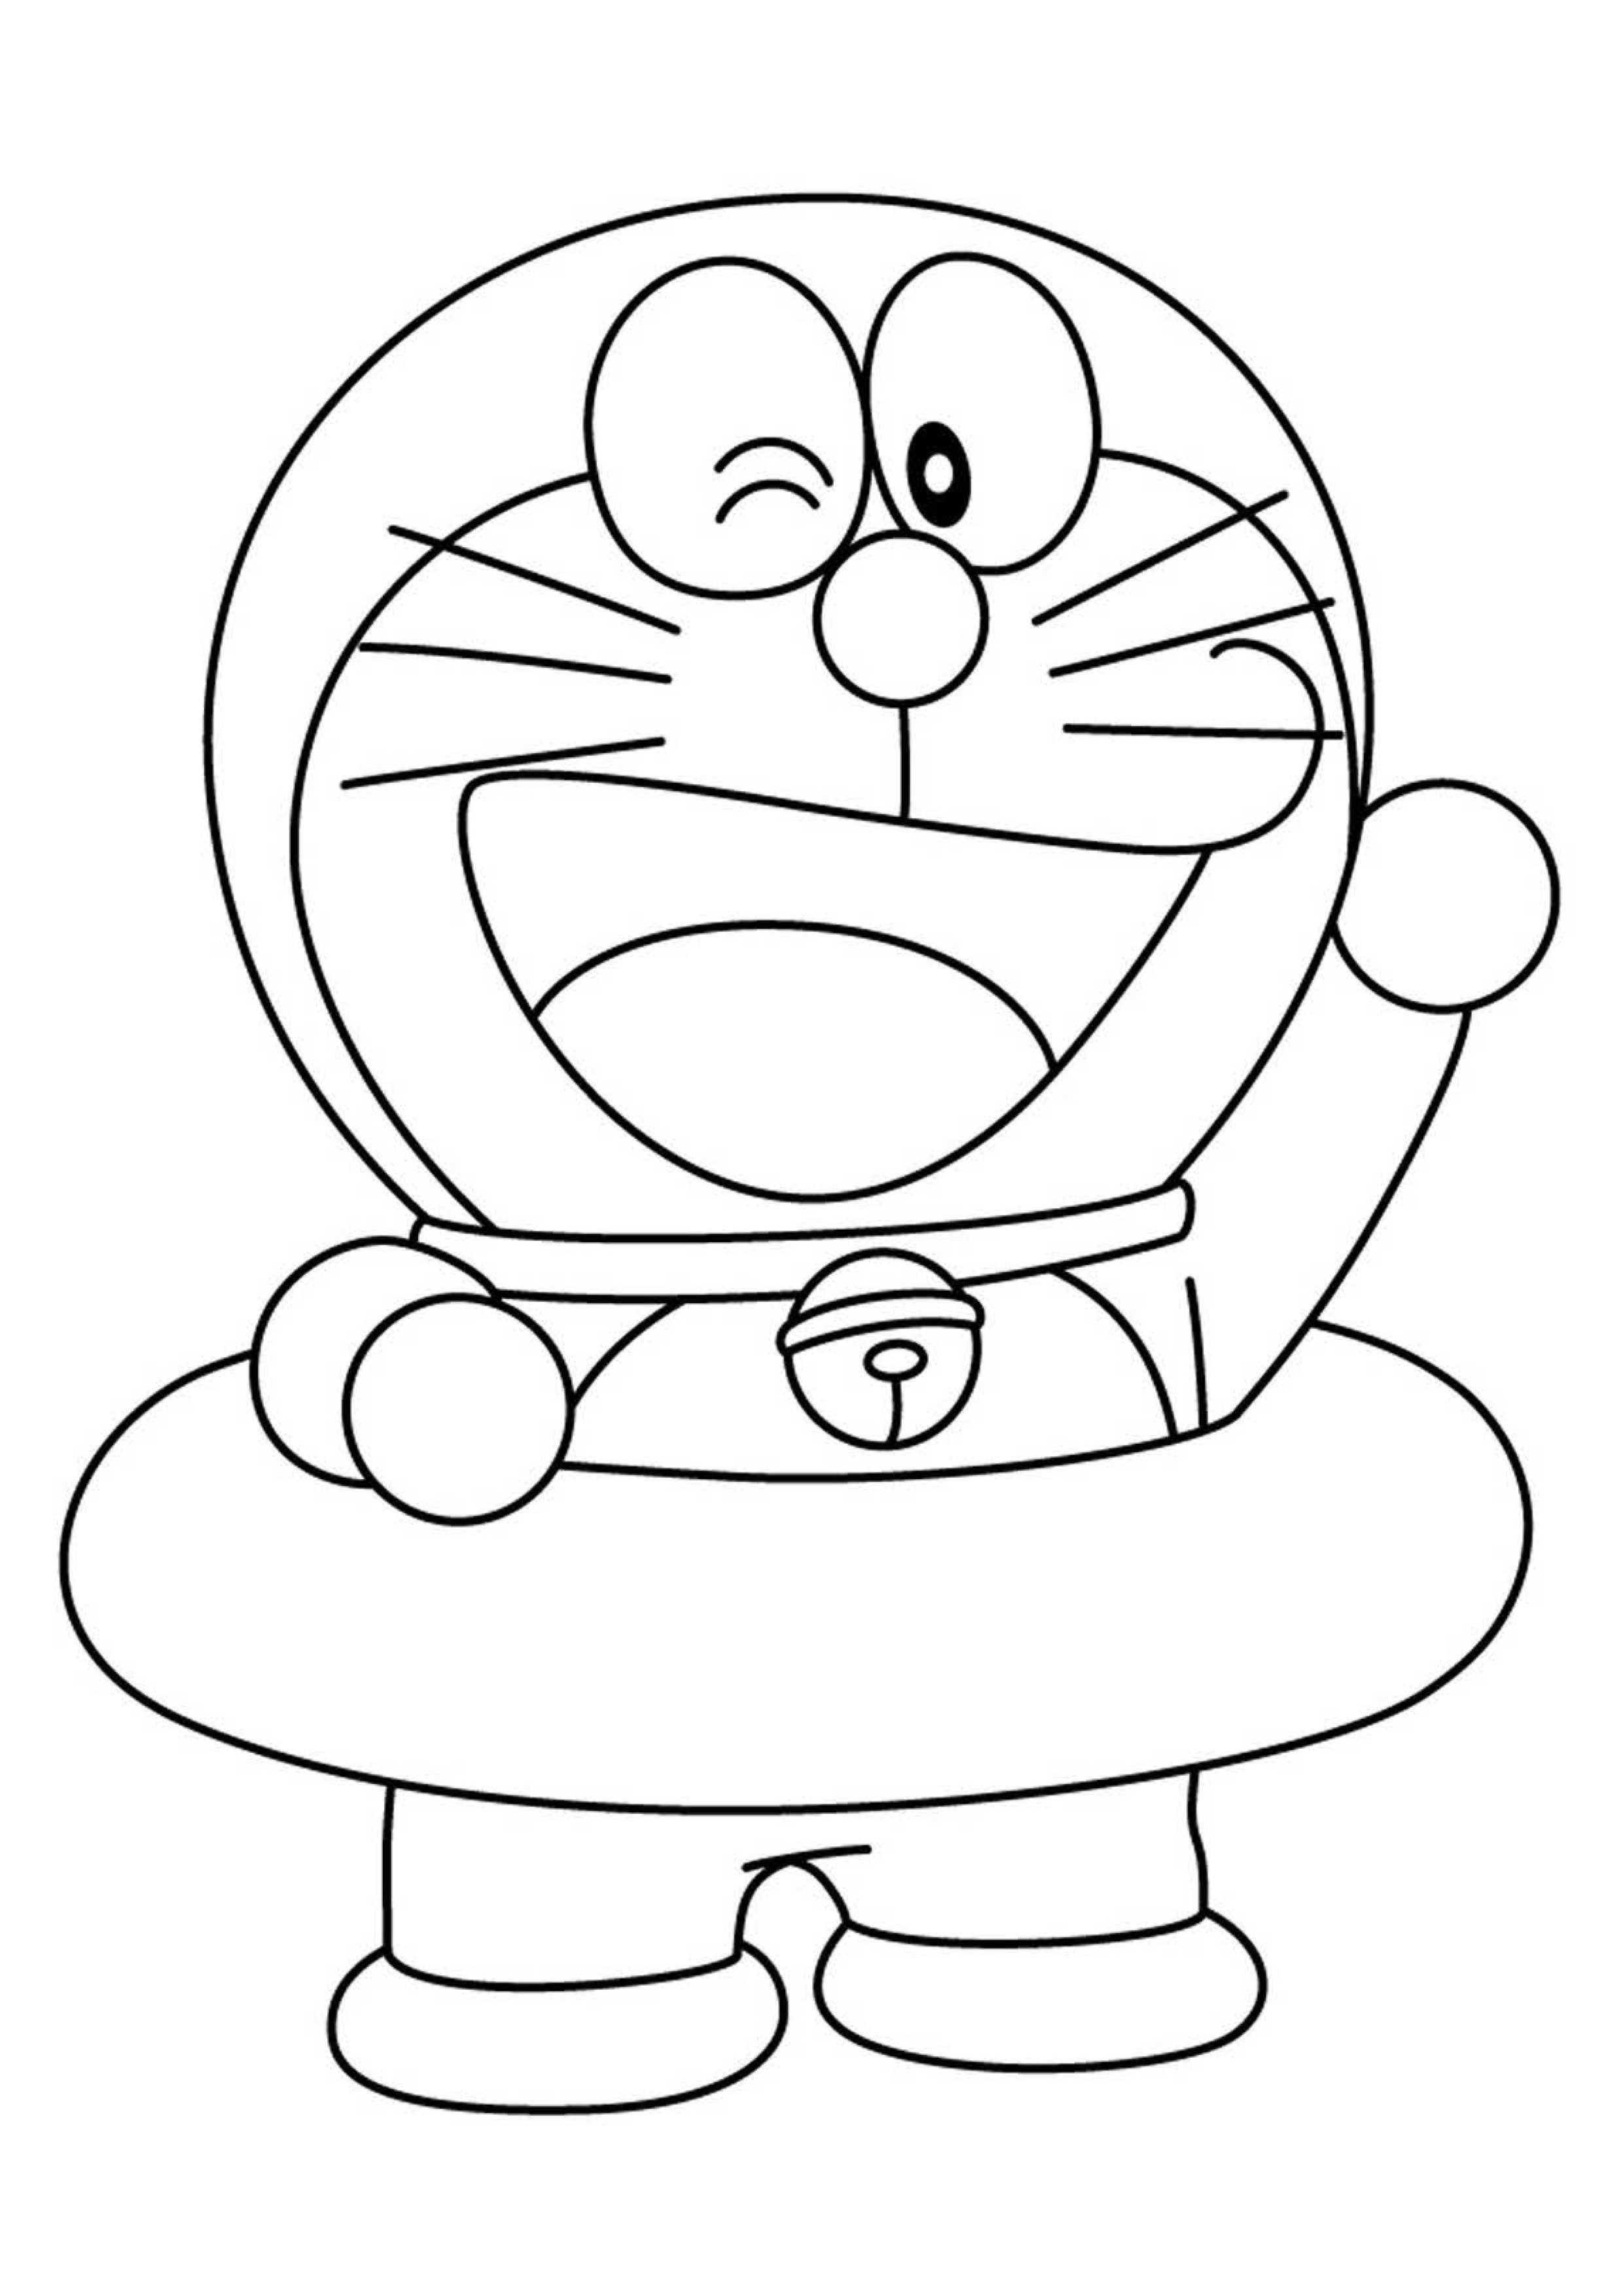 28 Disegni Di Doraemon Da Colorare Pianetabambini It